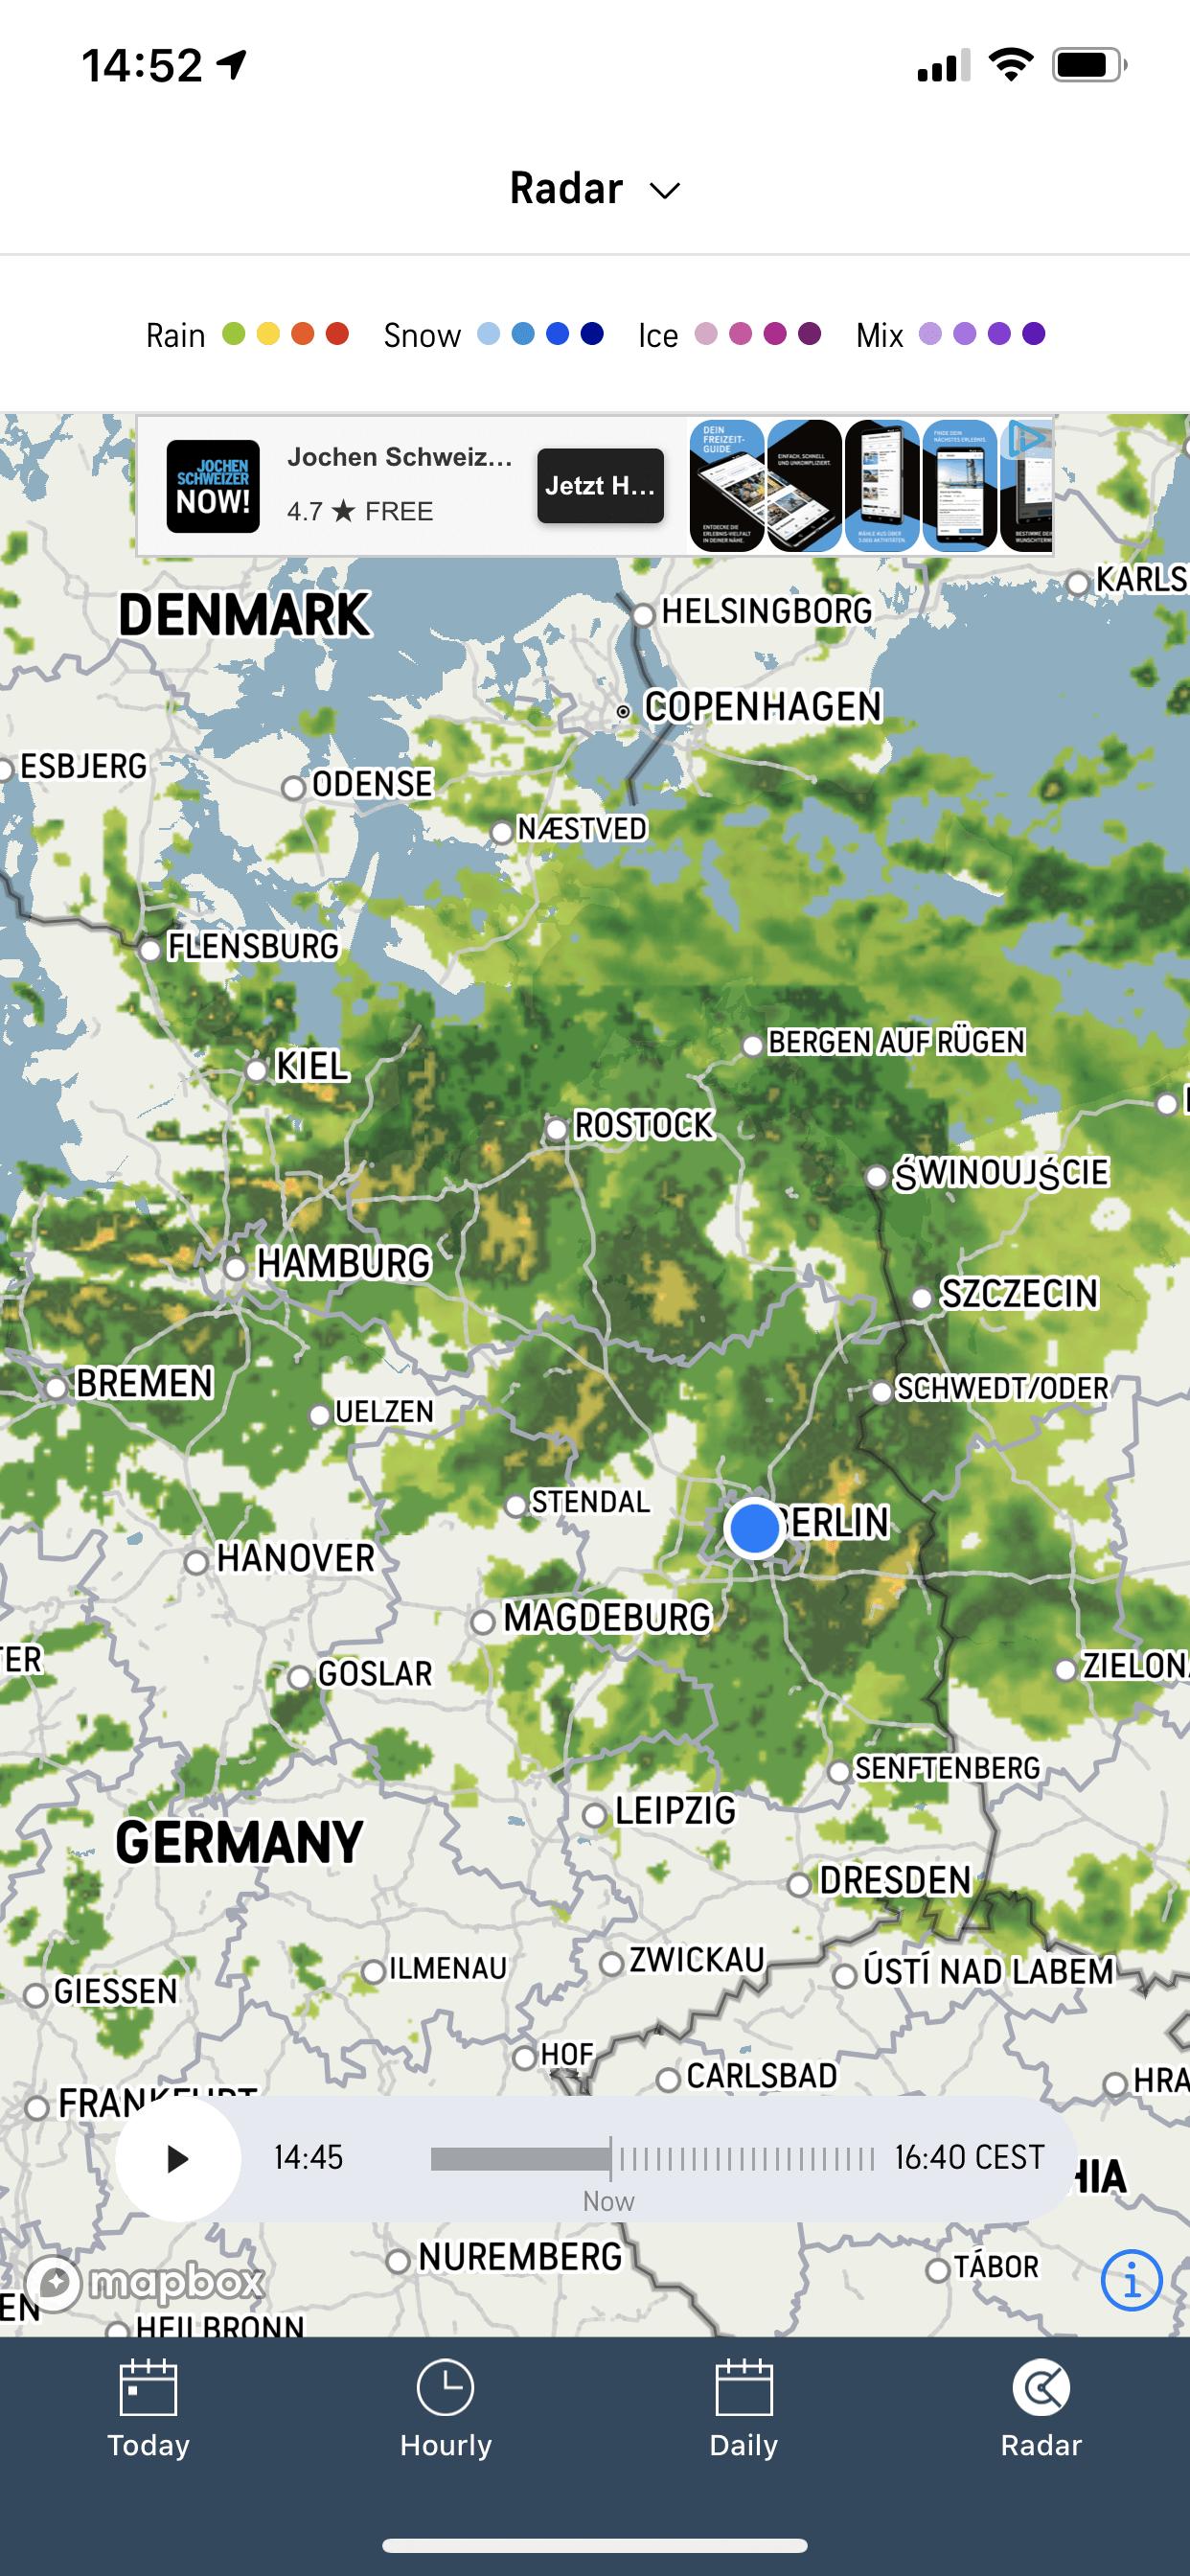 レーダー アプリ 雨雲